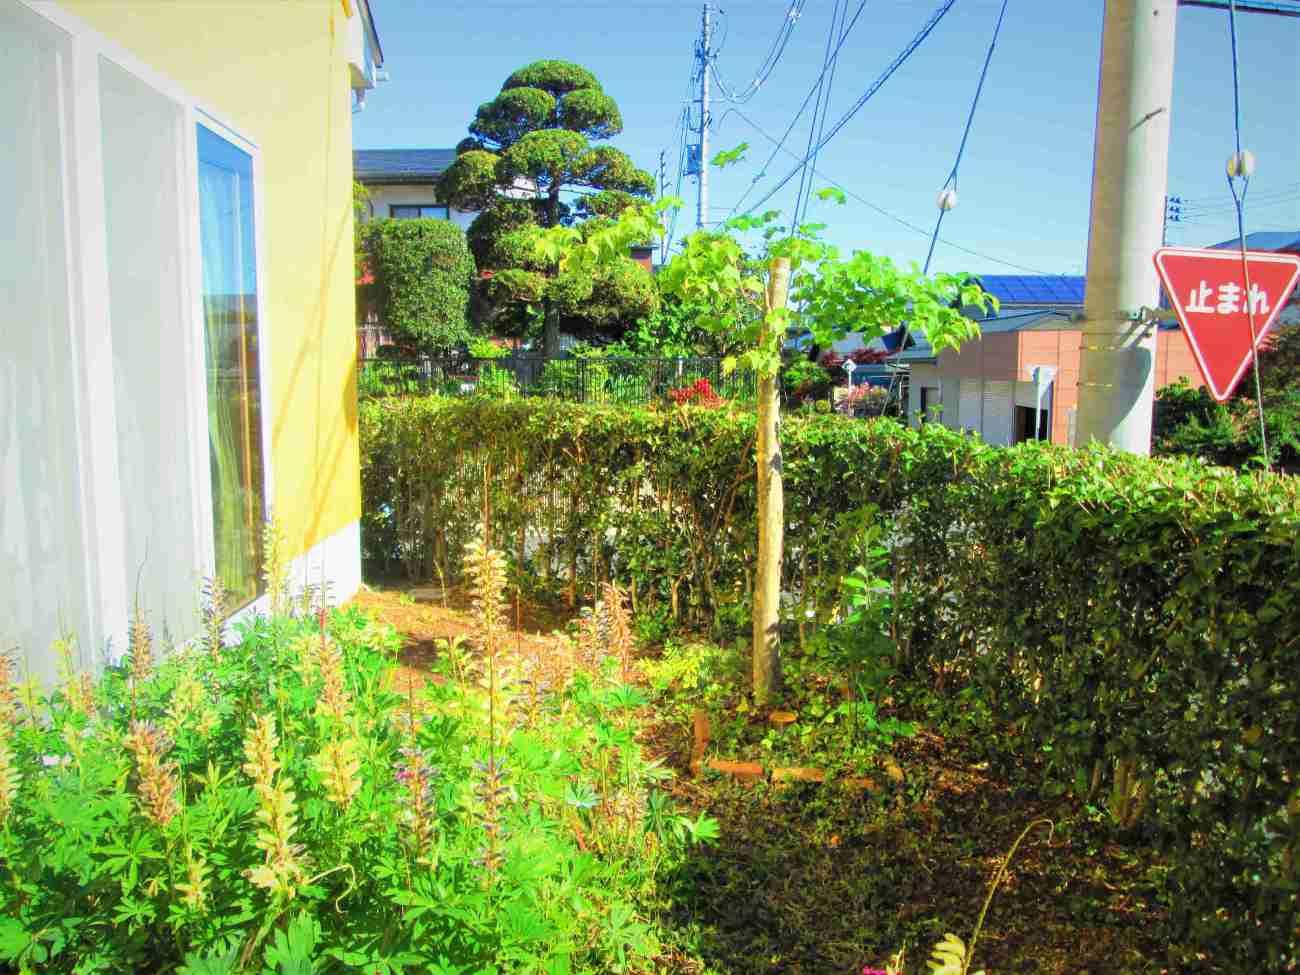 ジャングルだった庭が、きれいに明るくなりました_d0159273_08282166.jpg